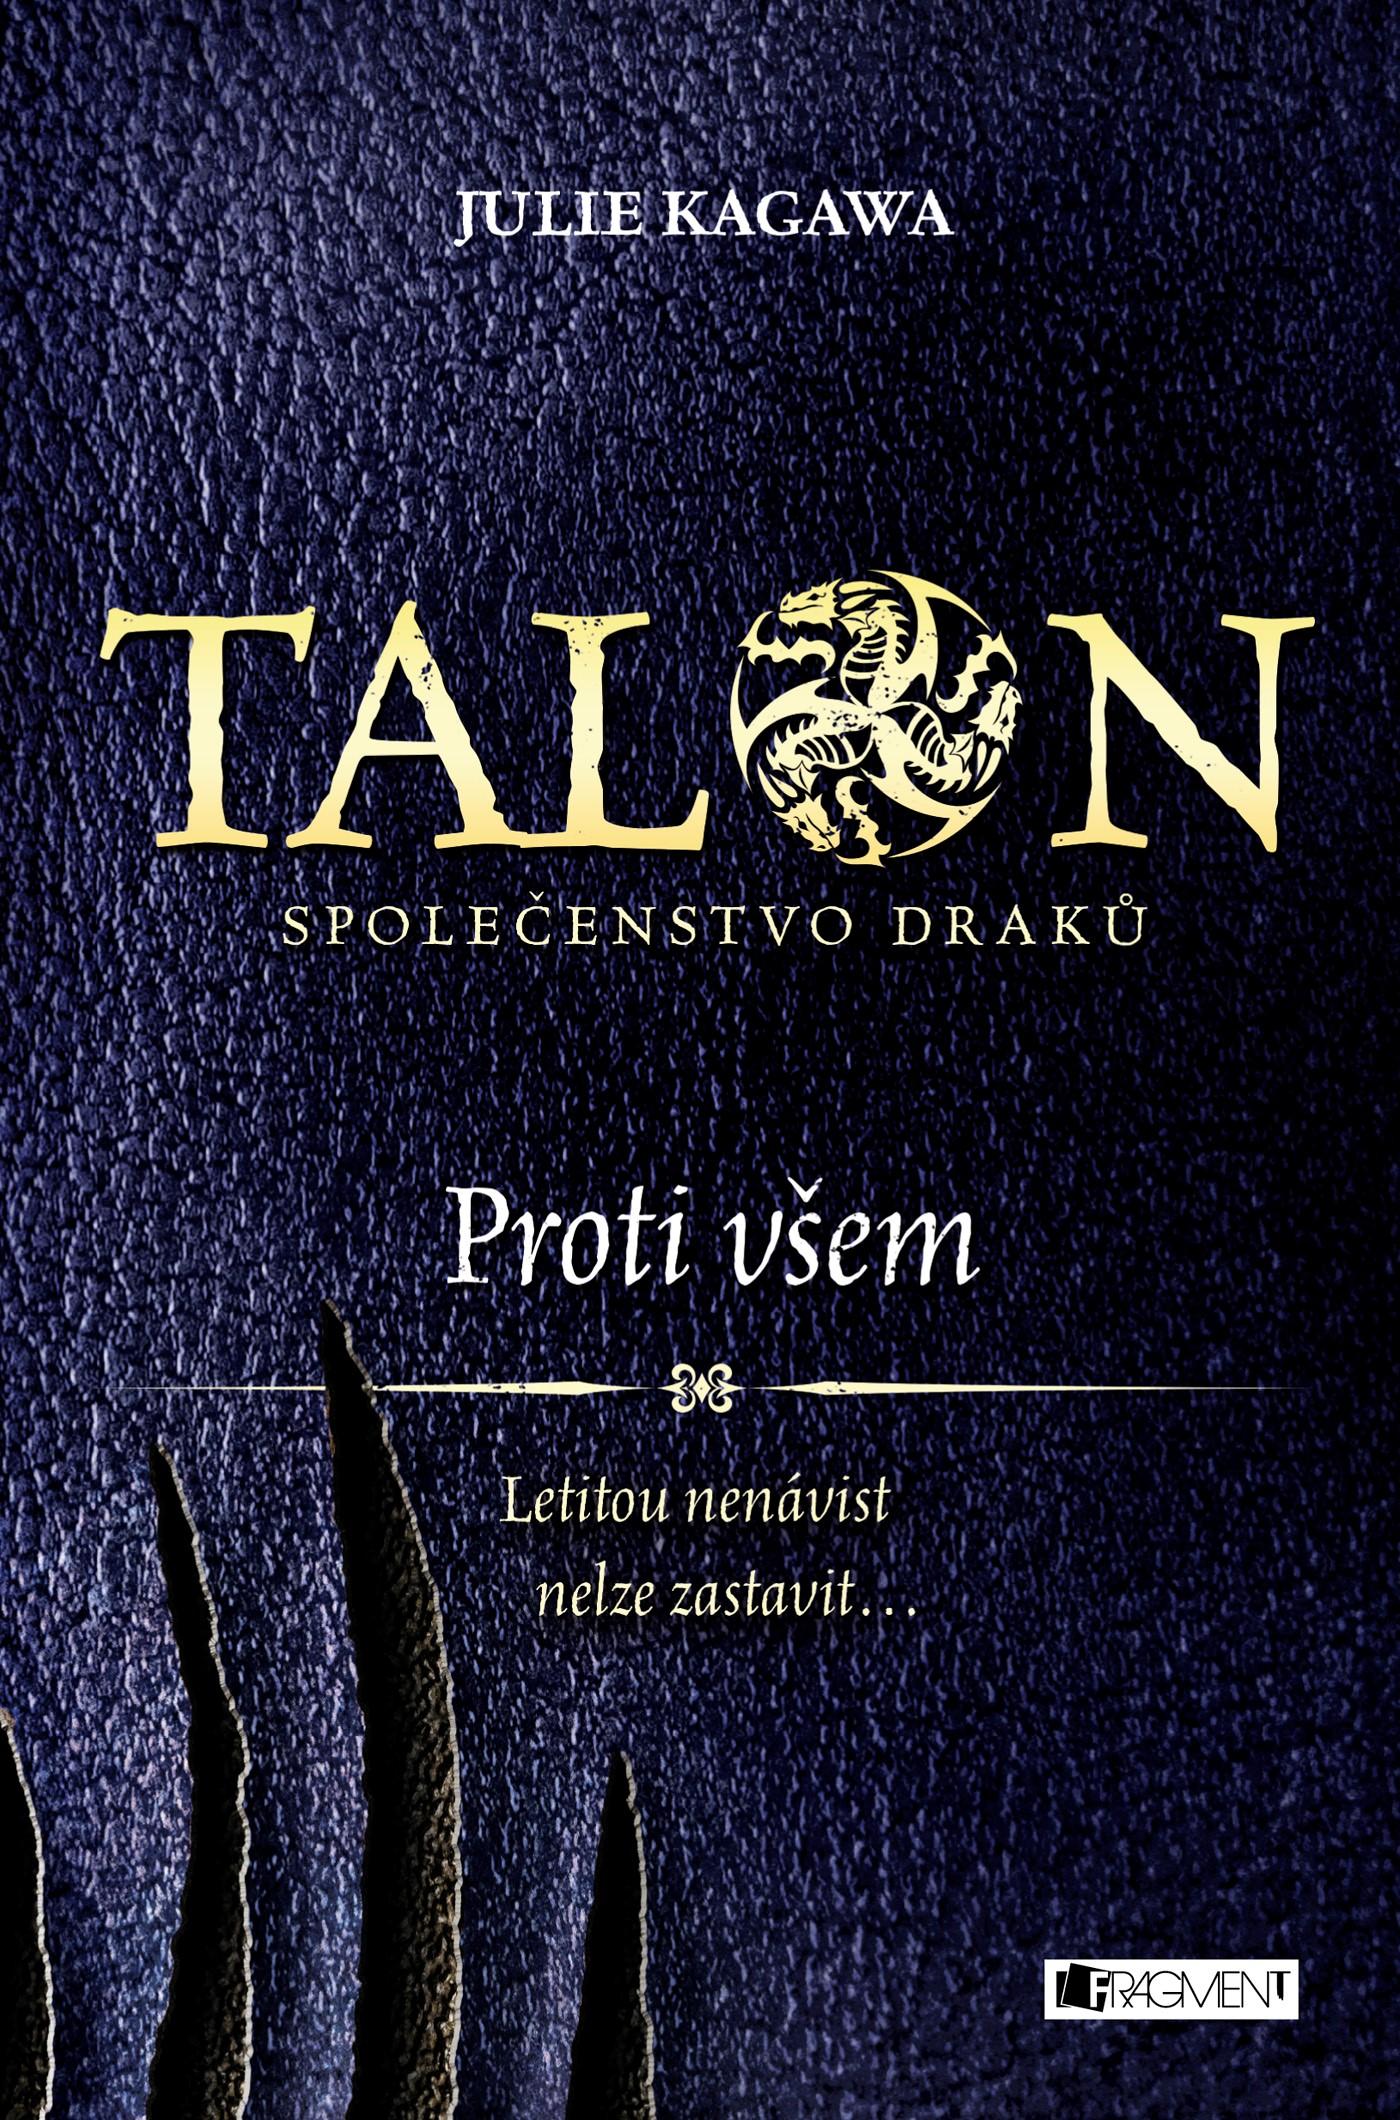 Talon: Společenstvo draků - Proti všem